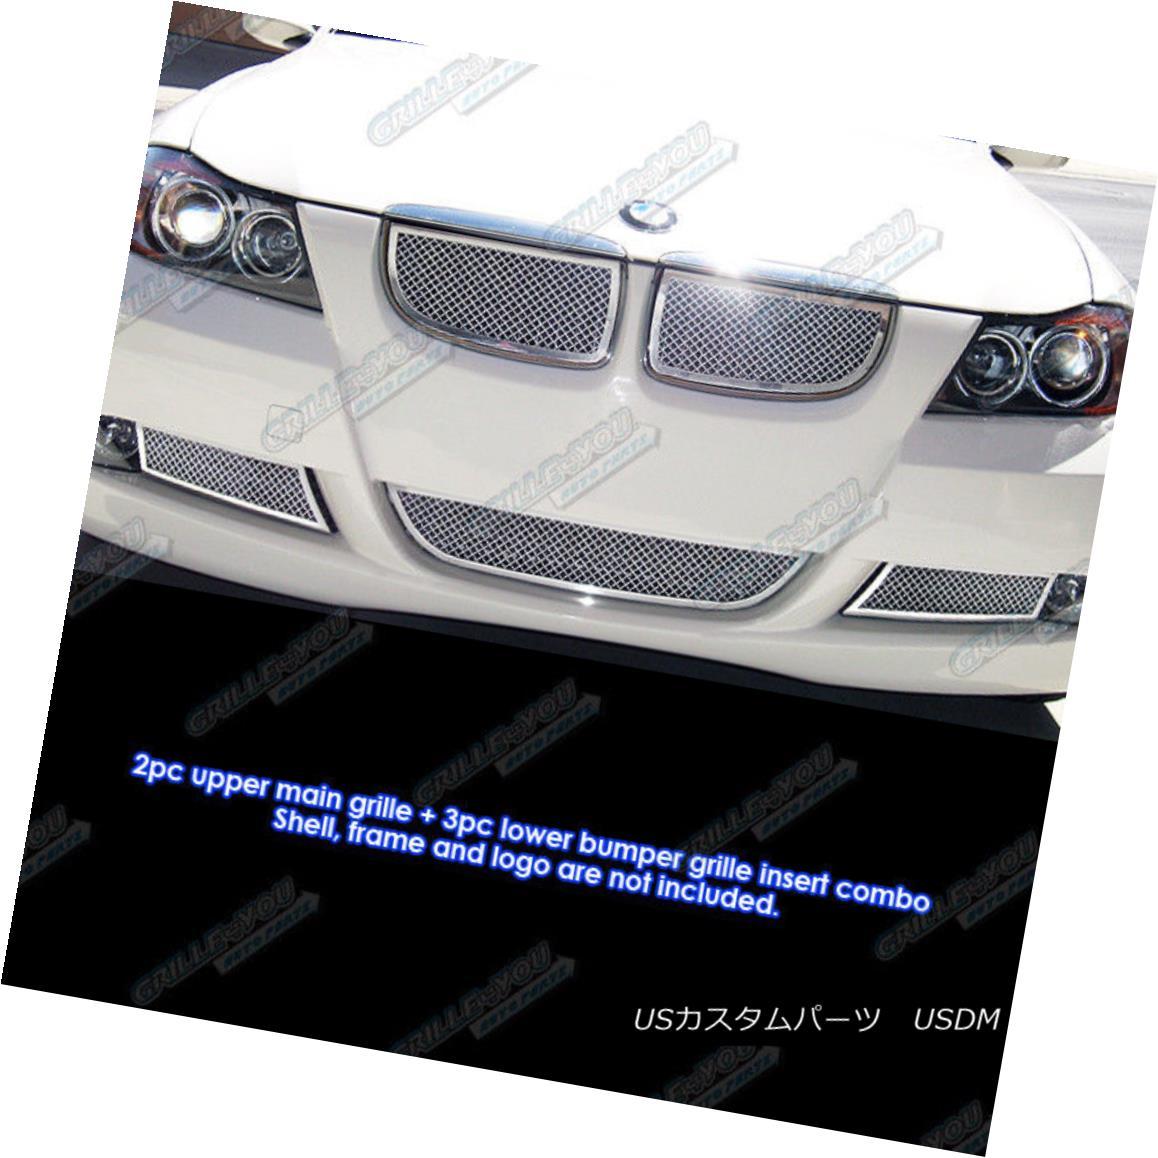 グリル 06-07 BMW 3-Series E90 Sedan Stainless Steel Mesh Grille Grill Insert Combo 06-07 BMW 3シリーズE90セダンステンレスメッシュグリルグリルインサートコンボ